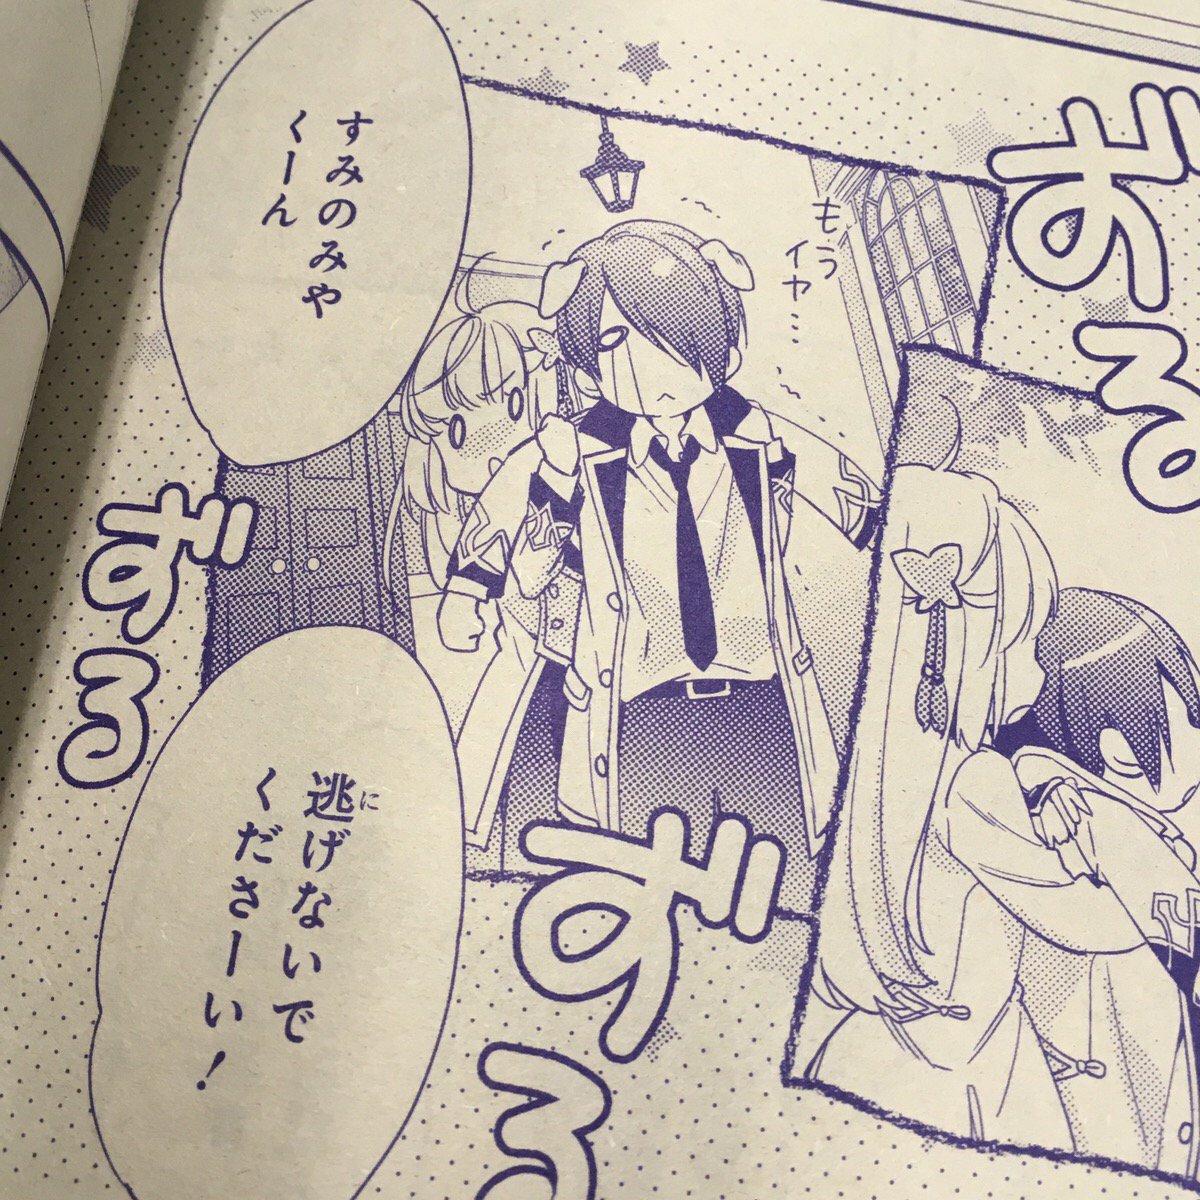 【コミック】10月22日発売のシルフ12月号「マジきゅん」をちら見せでじゅ!ゲームではお馴染みの帝歌の「近い!」や引きず